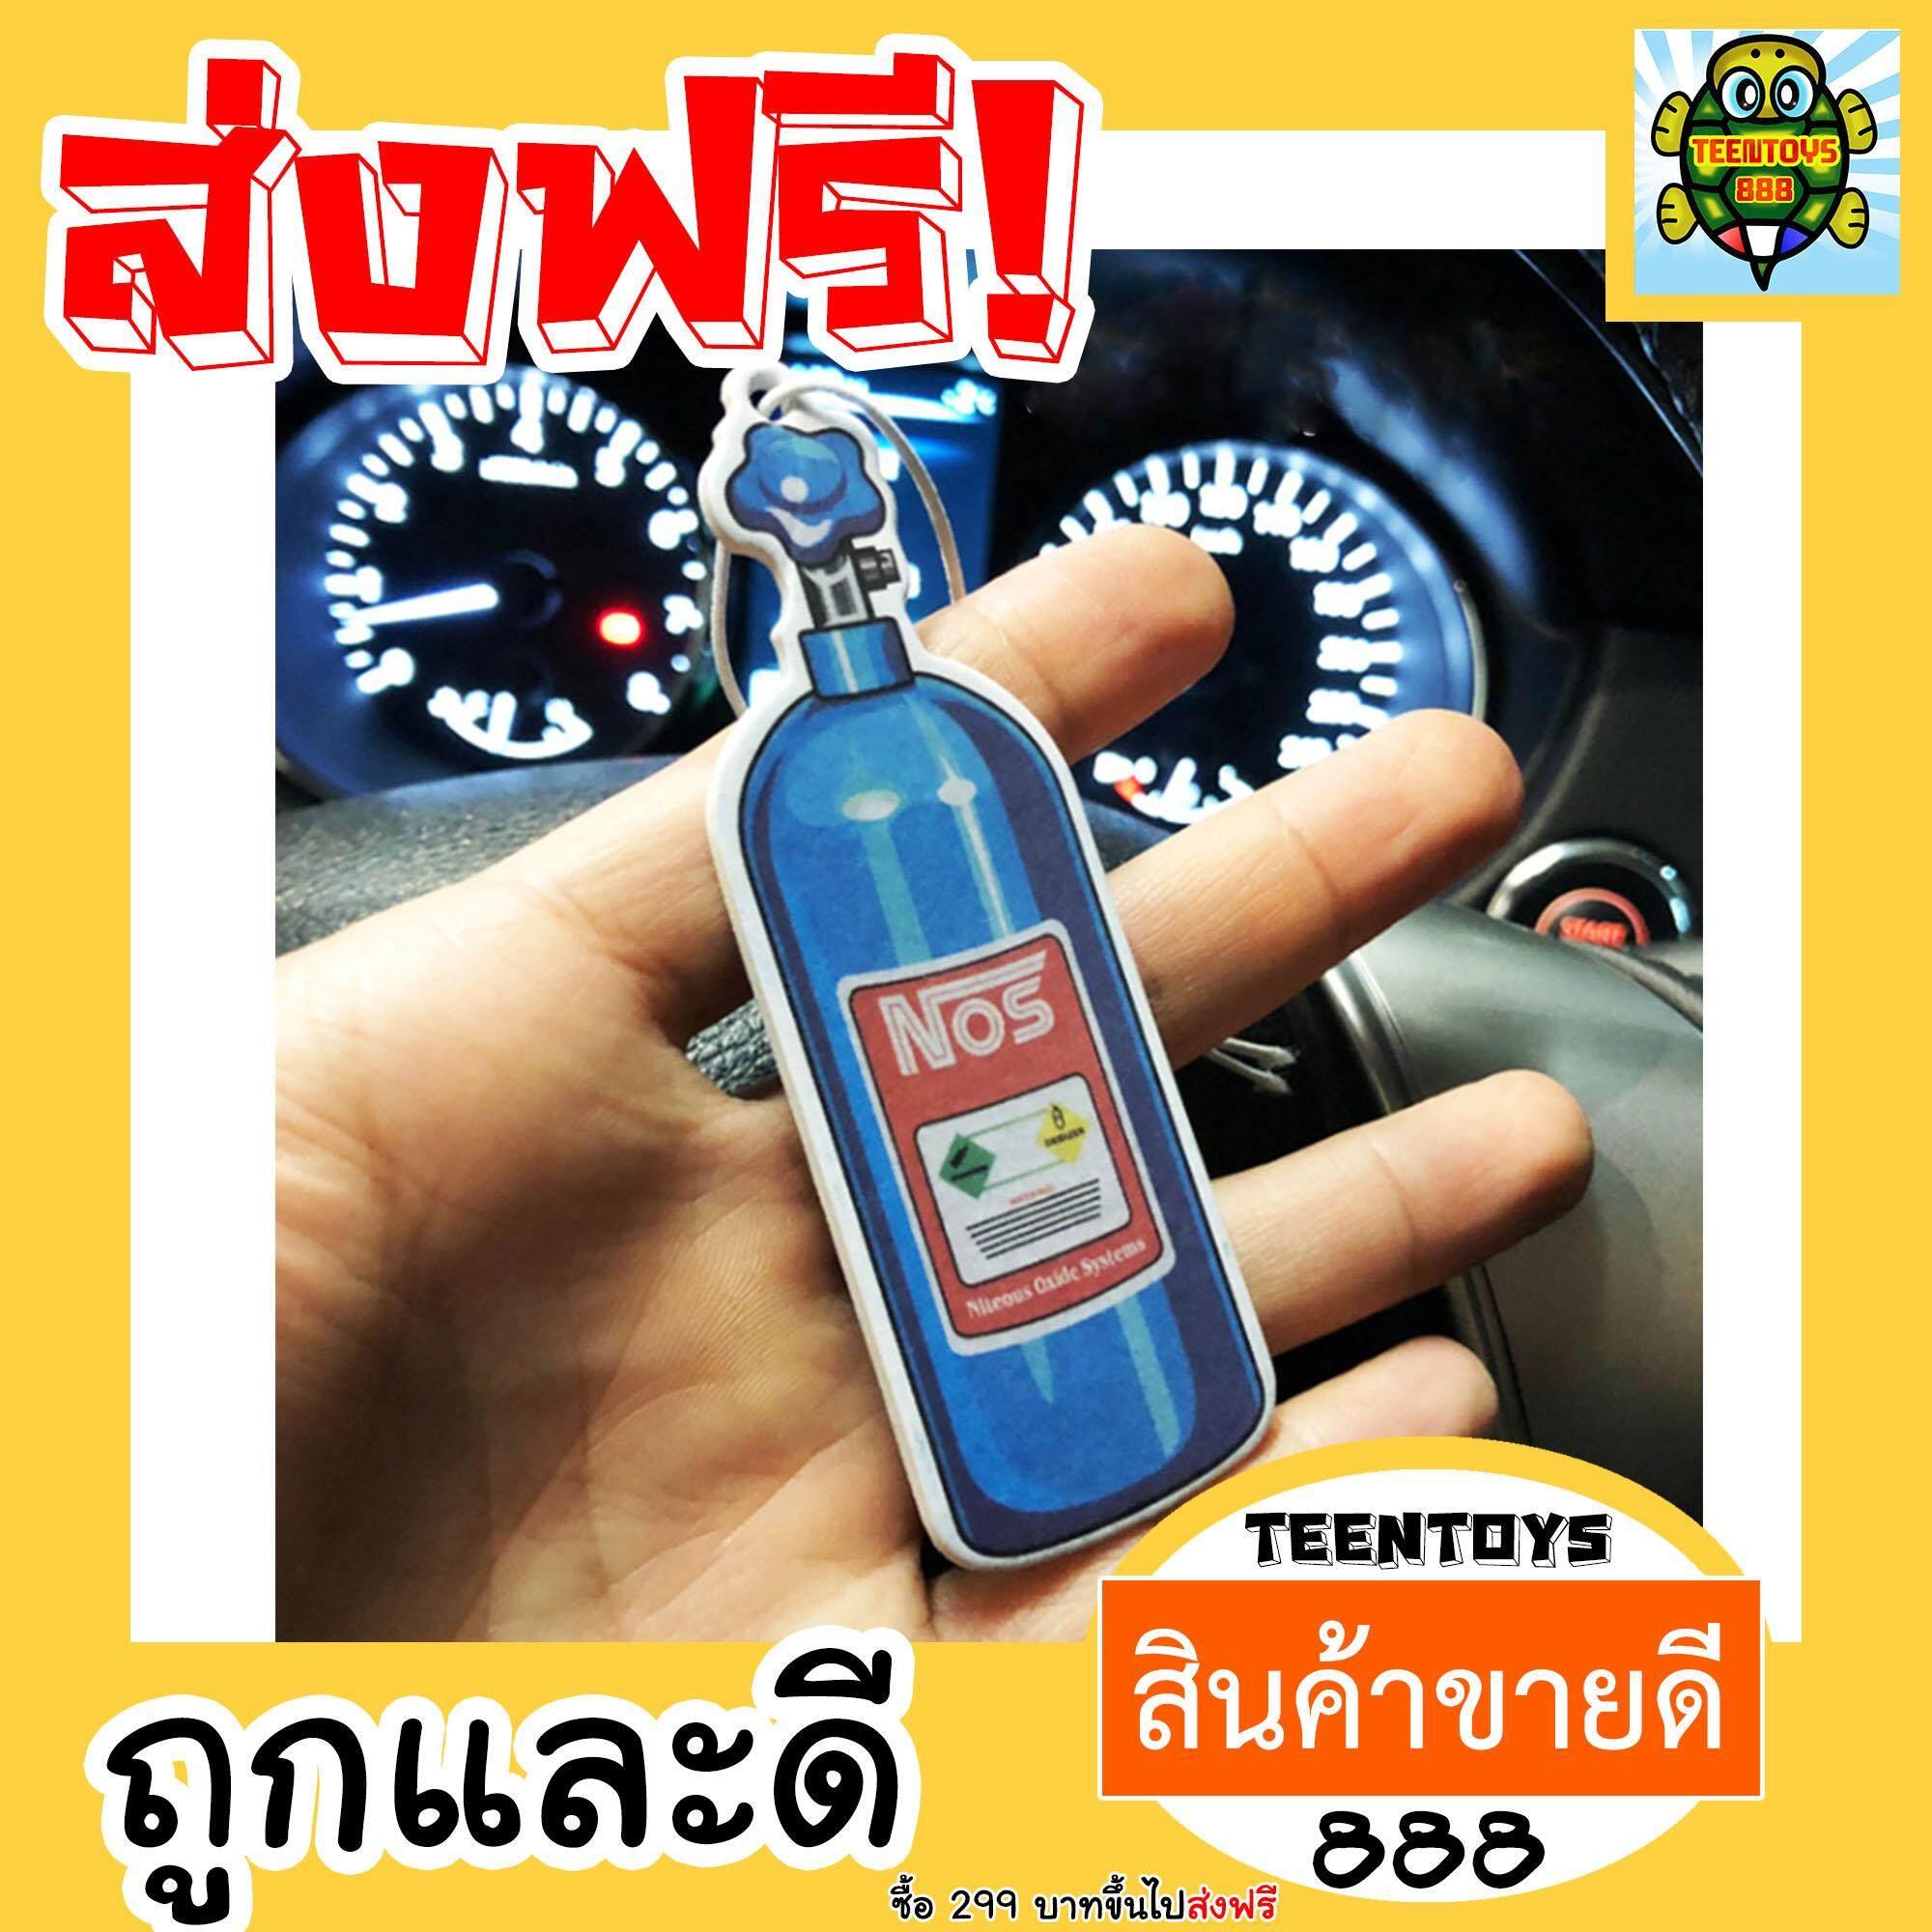 """ลดสุดๆ """"•""""แผ่นน้ำหอมซิ่ง แผ่นน้ำหอมอะไหล์ซิ่ง แผ่นน้ำหอมอะไหล์รถซิ่ง แผ่นน้ำหอมปรับอากาศรถยนต์ = (ลายถังnos) = ส่งฟรี  KERRY ="""